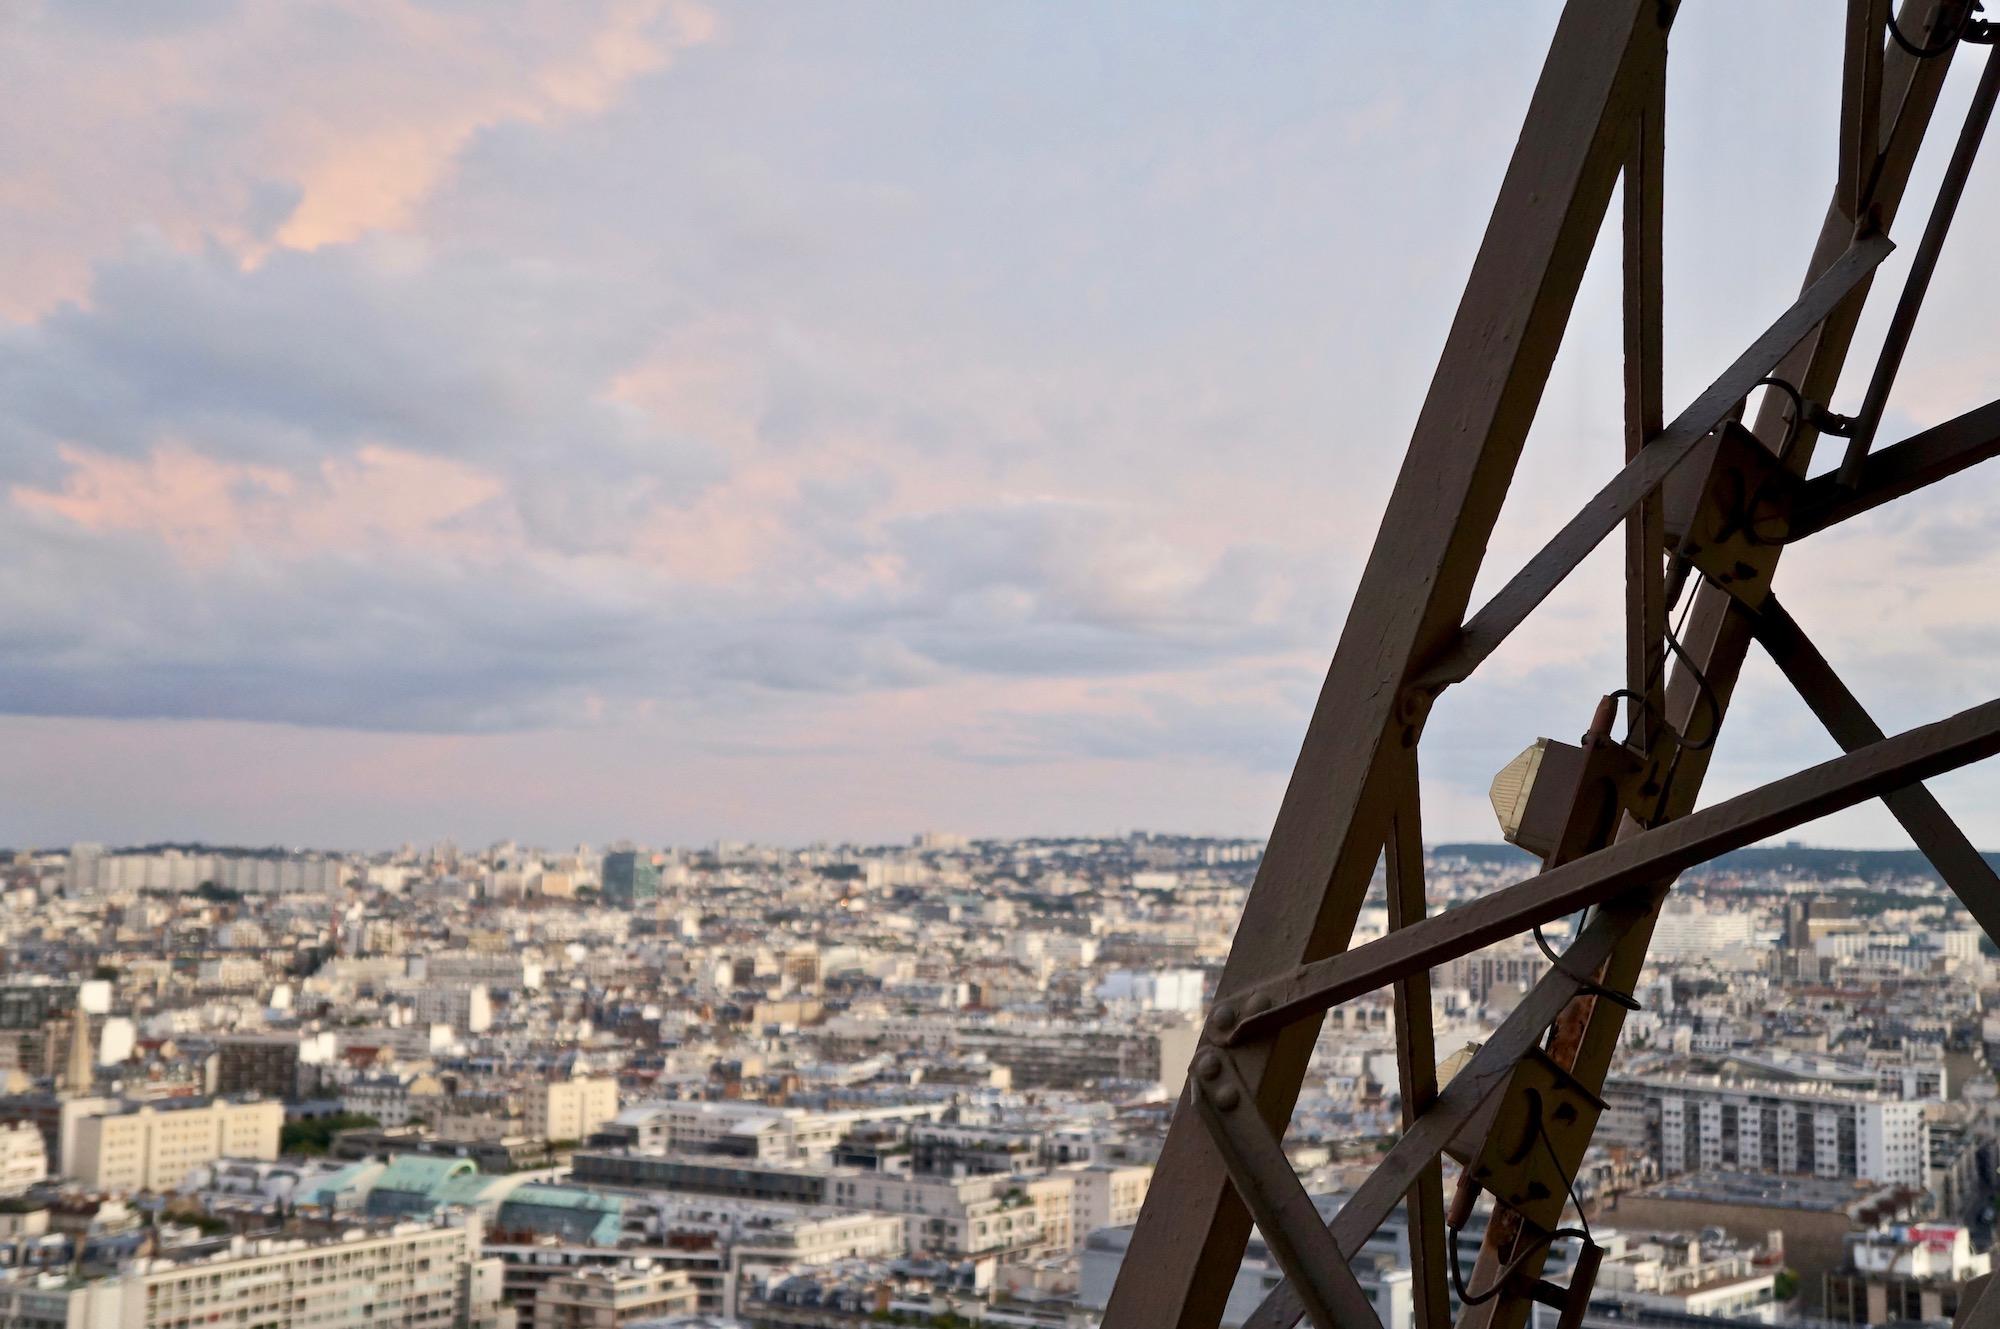 Eiffel Tower Descent view of Paris